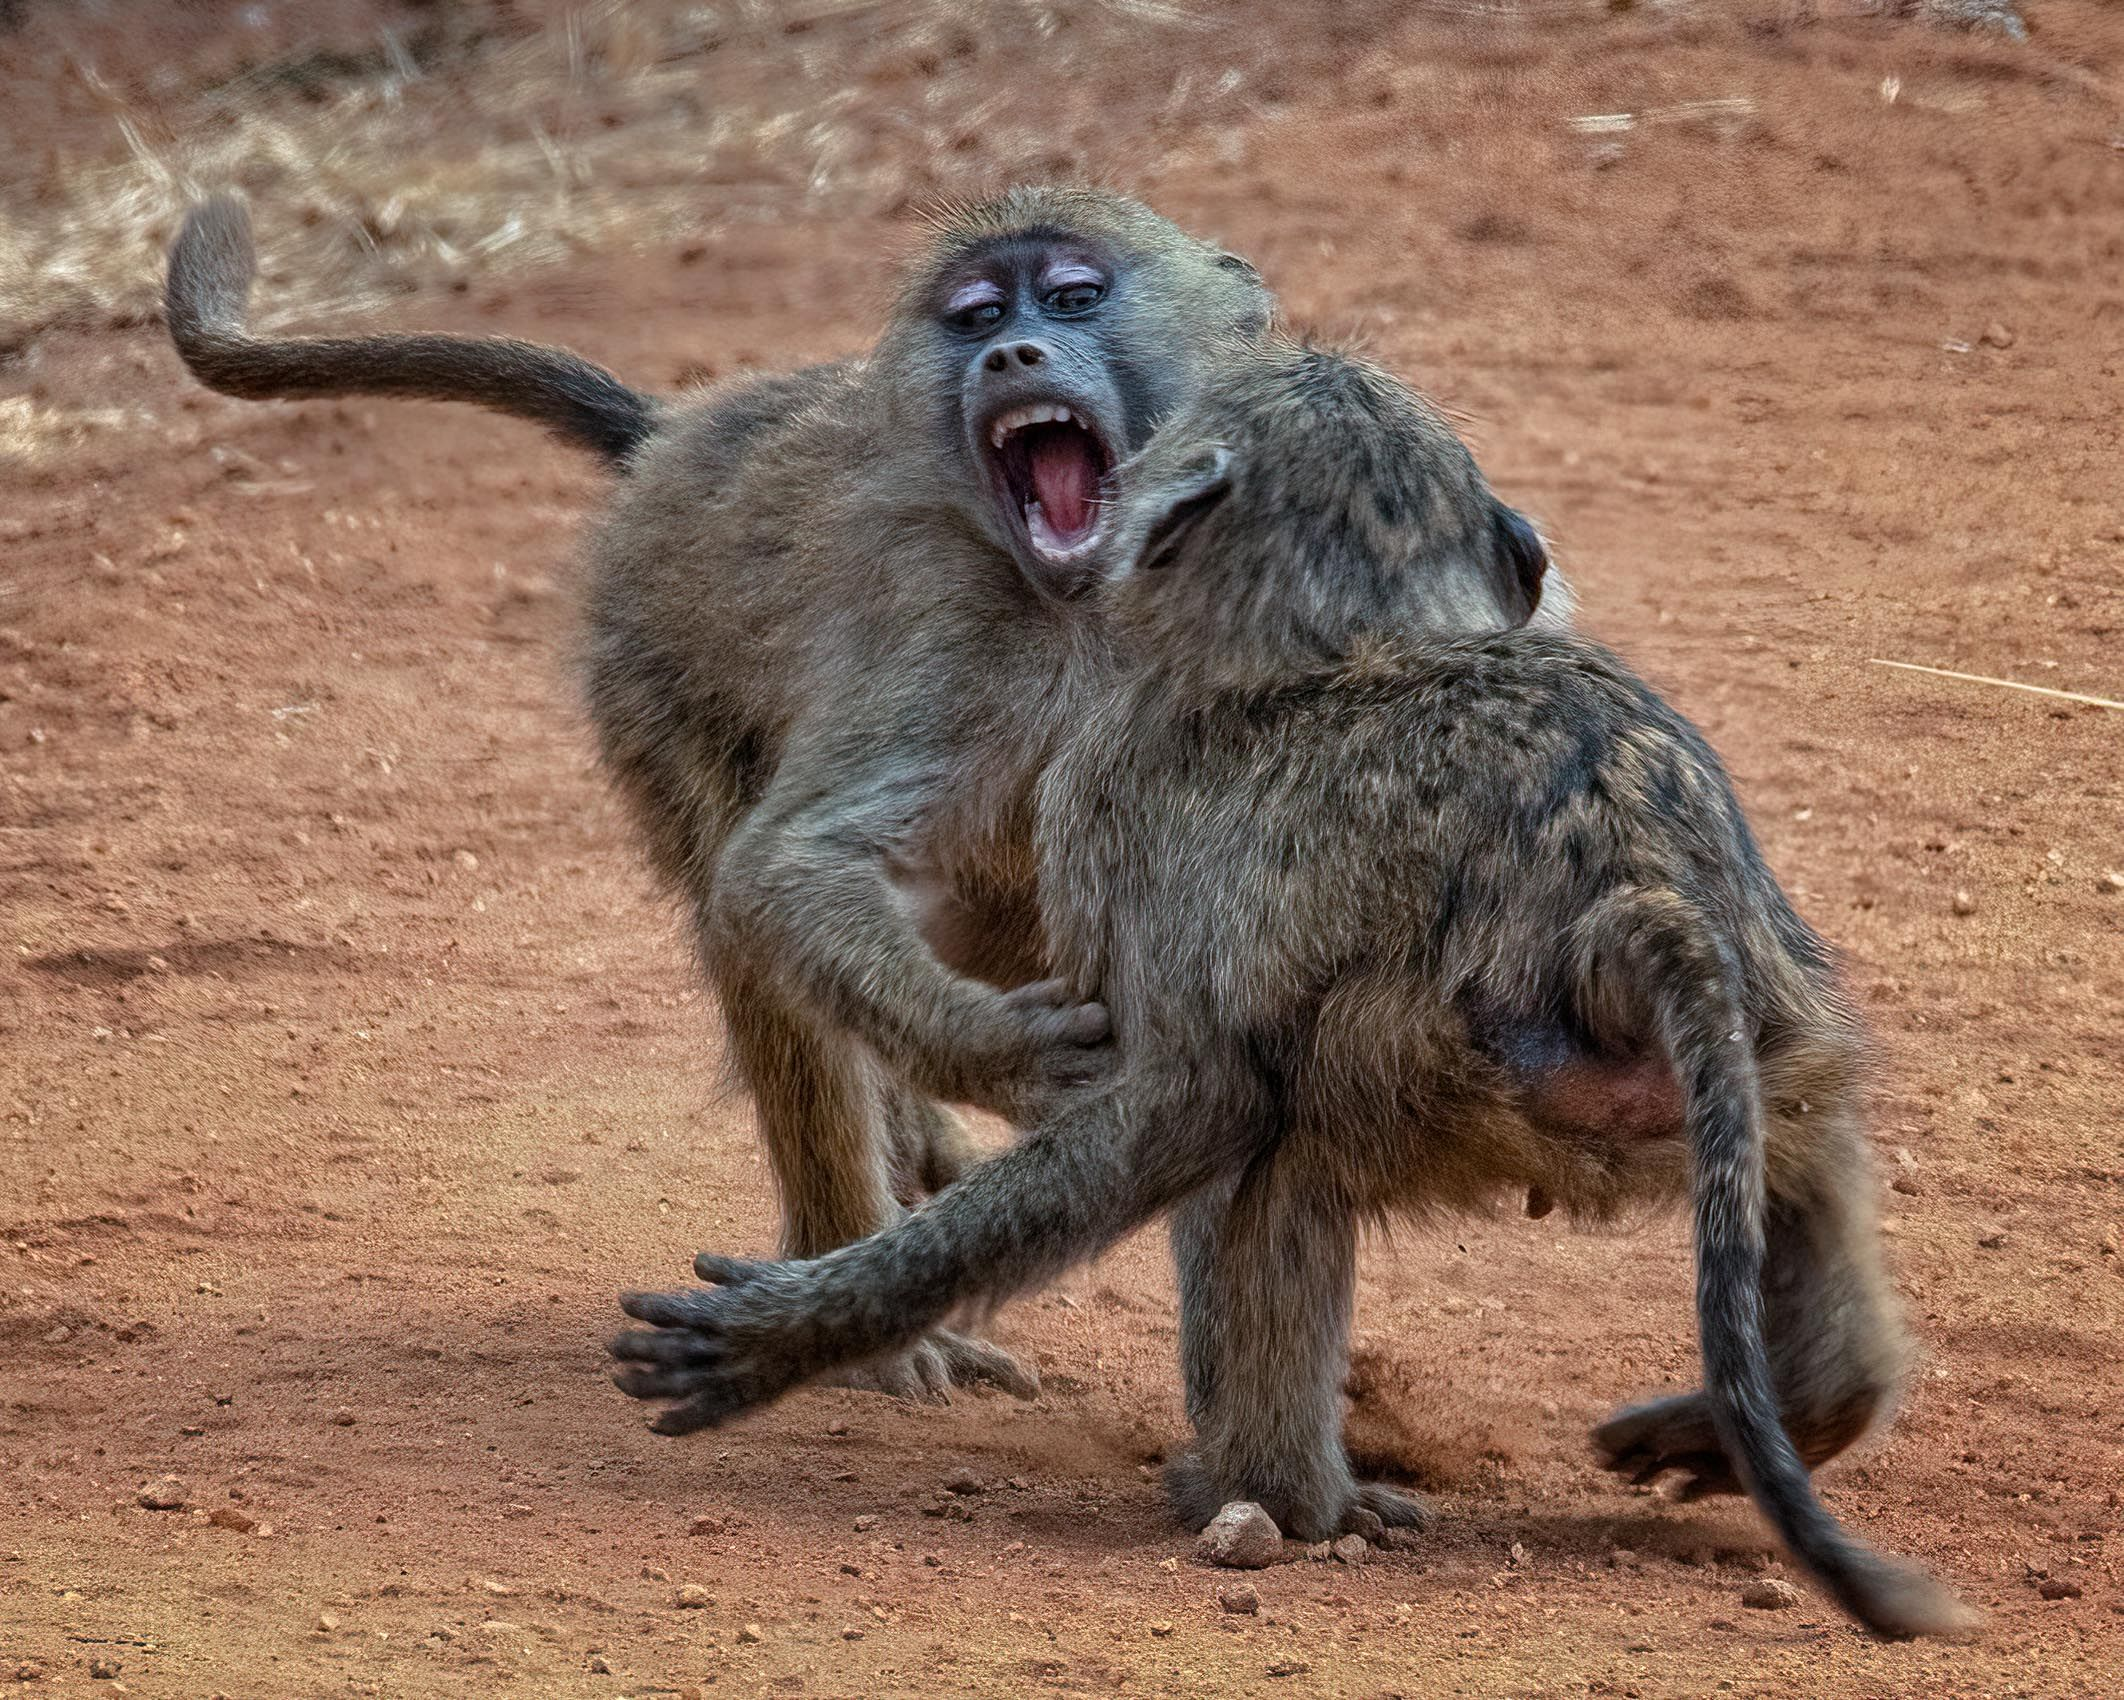 TANZANIA:  Baboons at Play and Prey